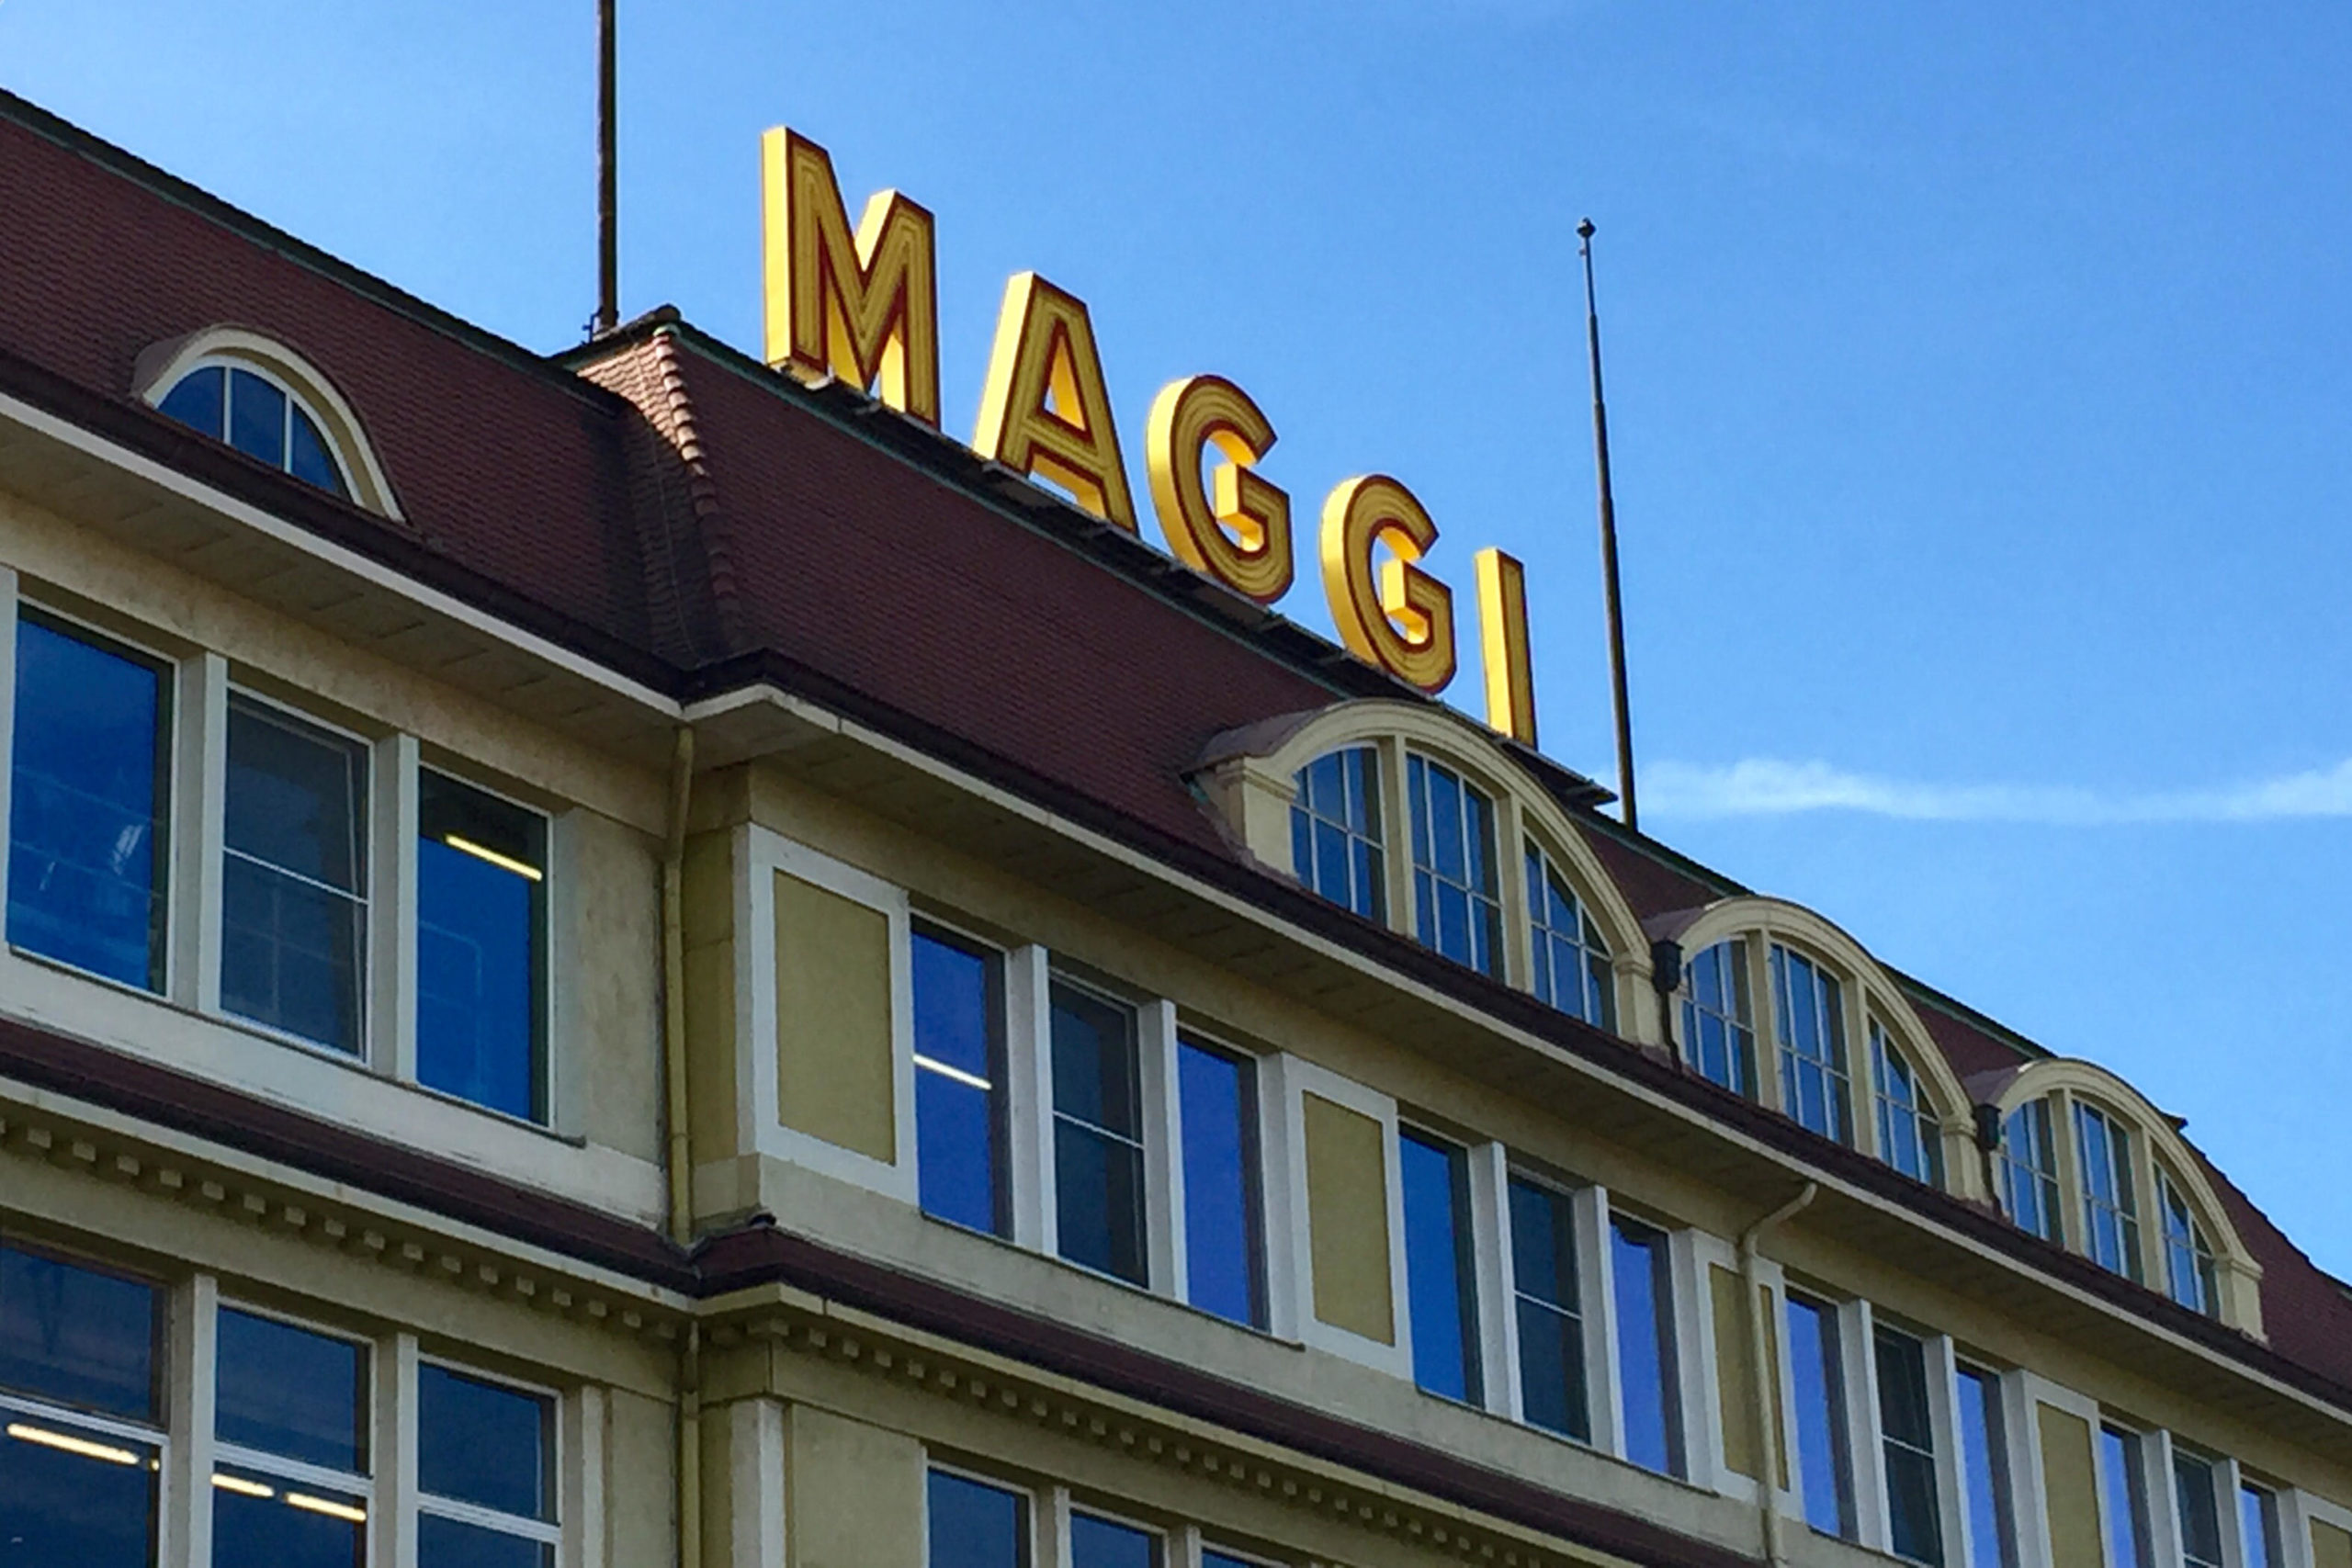 maggi-seehund-media